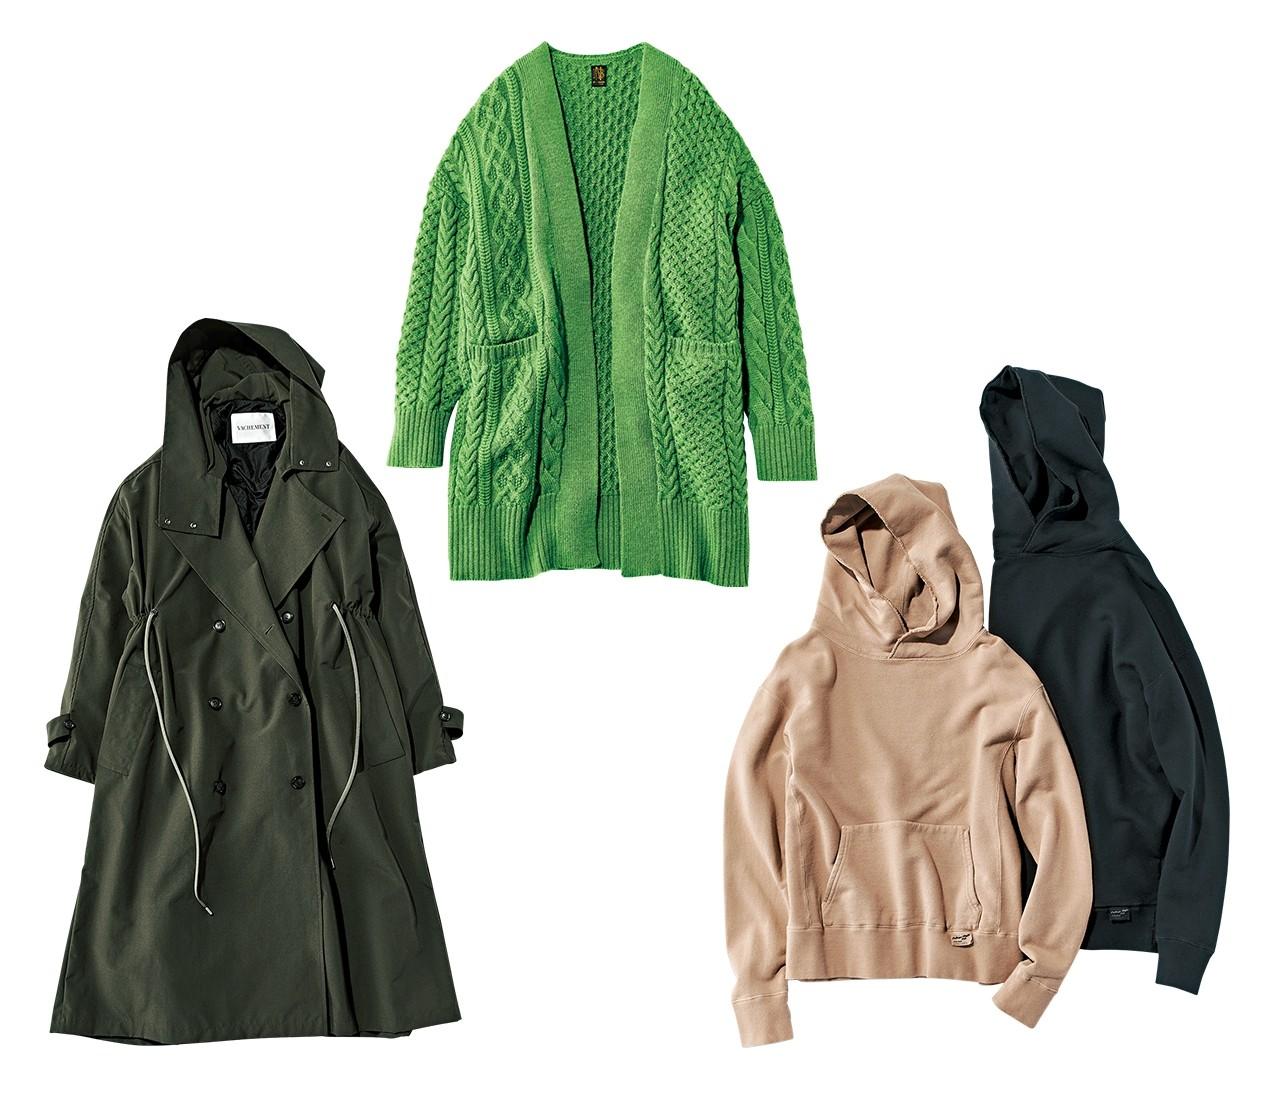 秋の装いをワンランクアップする新作アイテム【今月のおしゃれニュース】